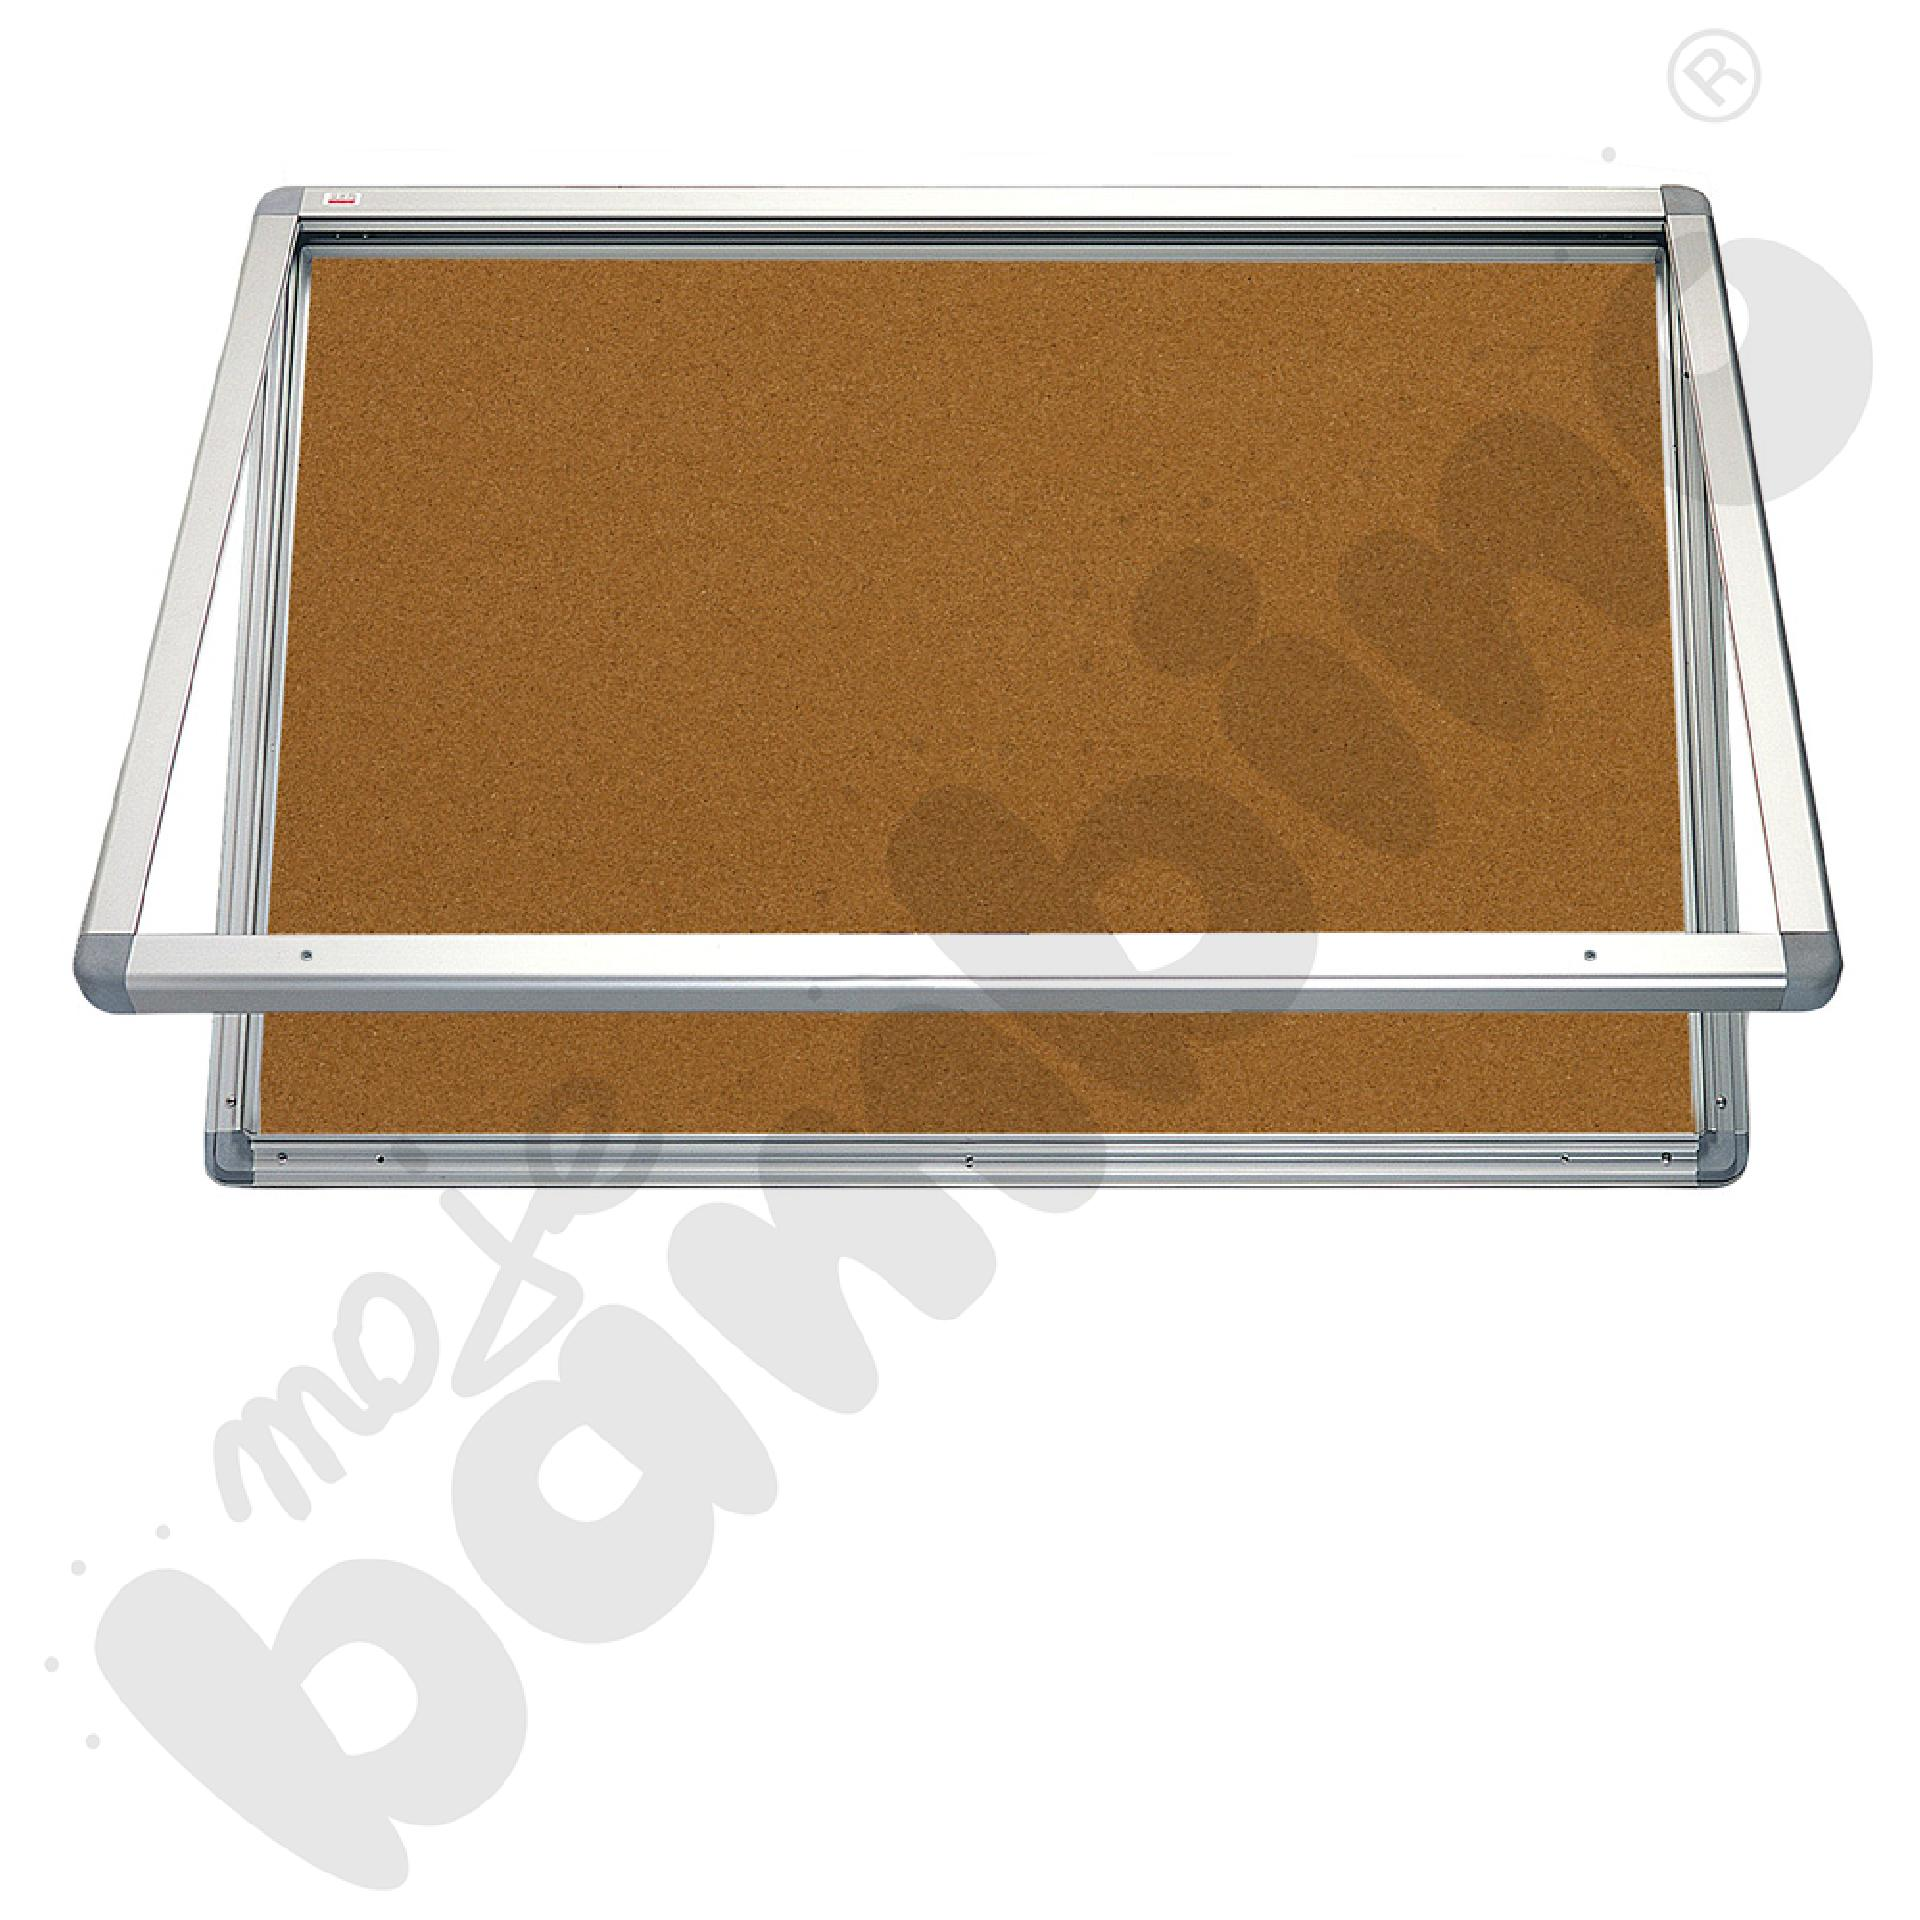 Gablota wewnętrzna otwierana do góry korkowa 90 x 60 cm